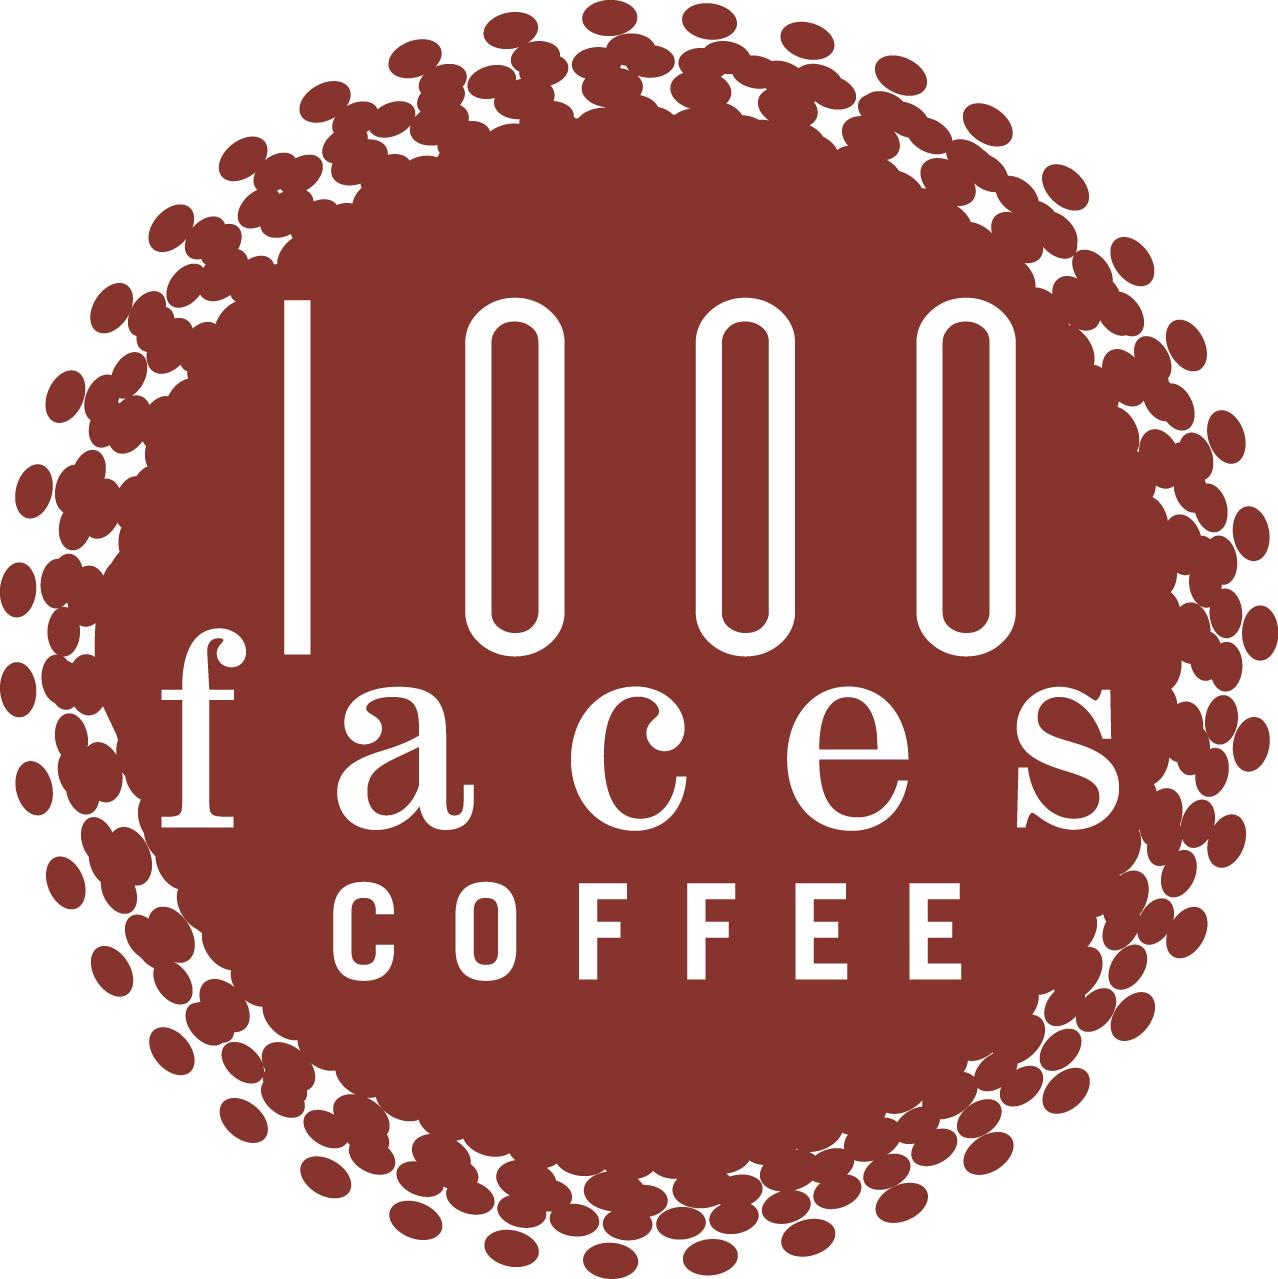 1000 Faces Coffee, Athens Ga